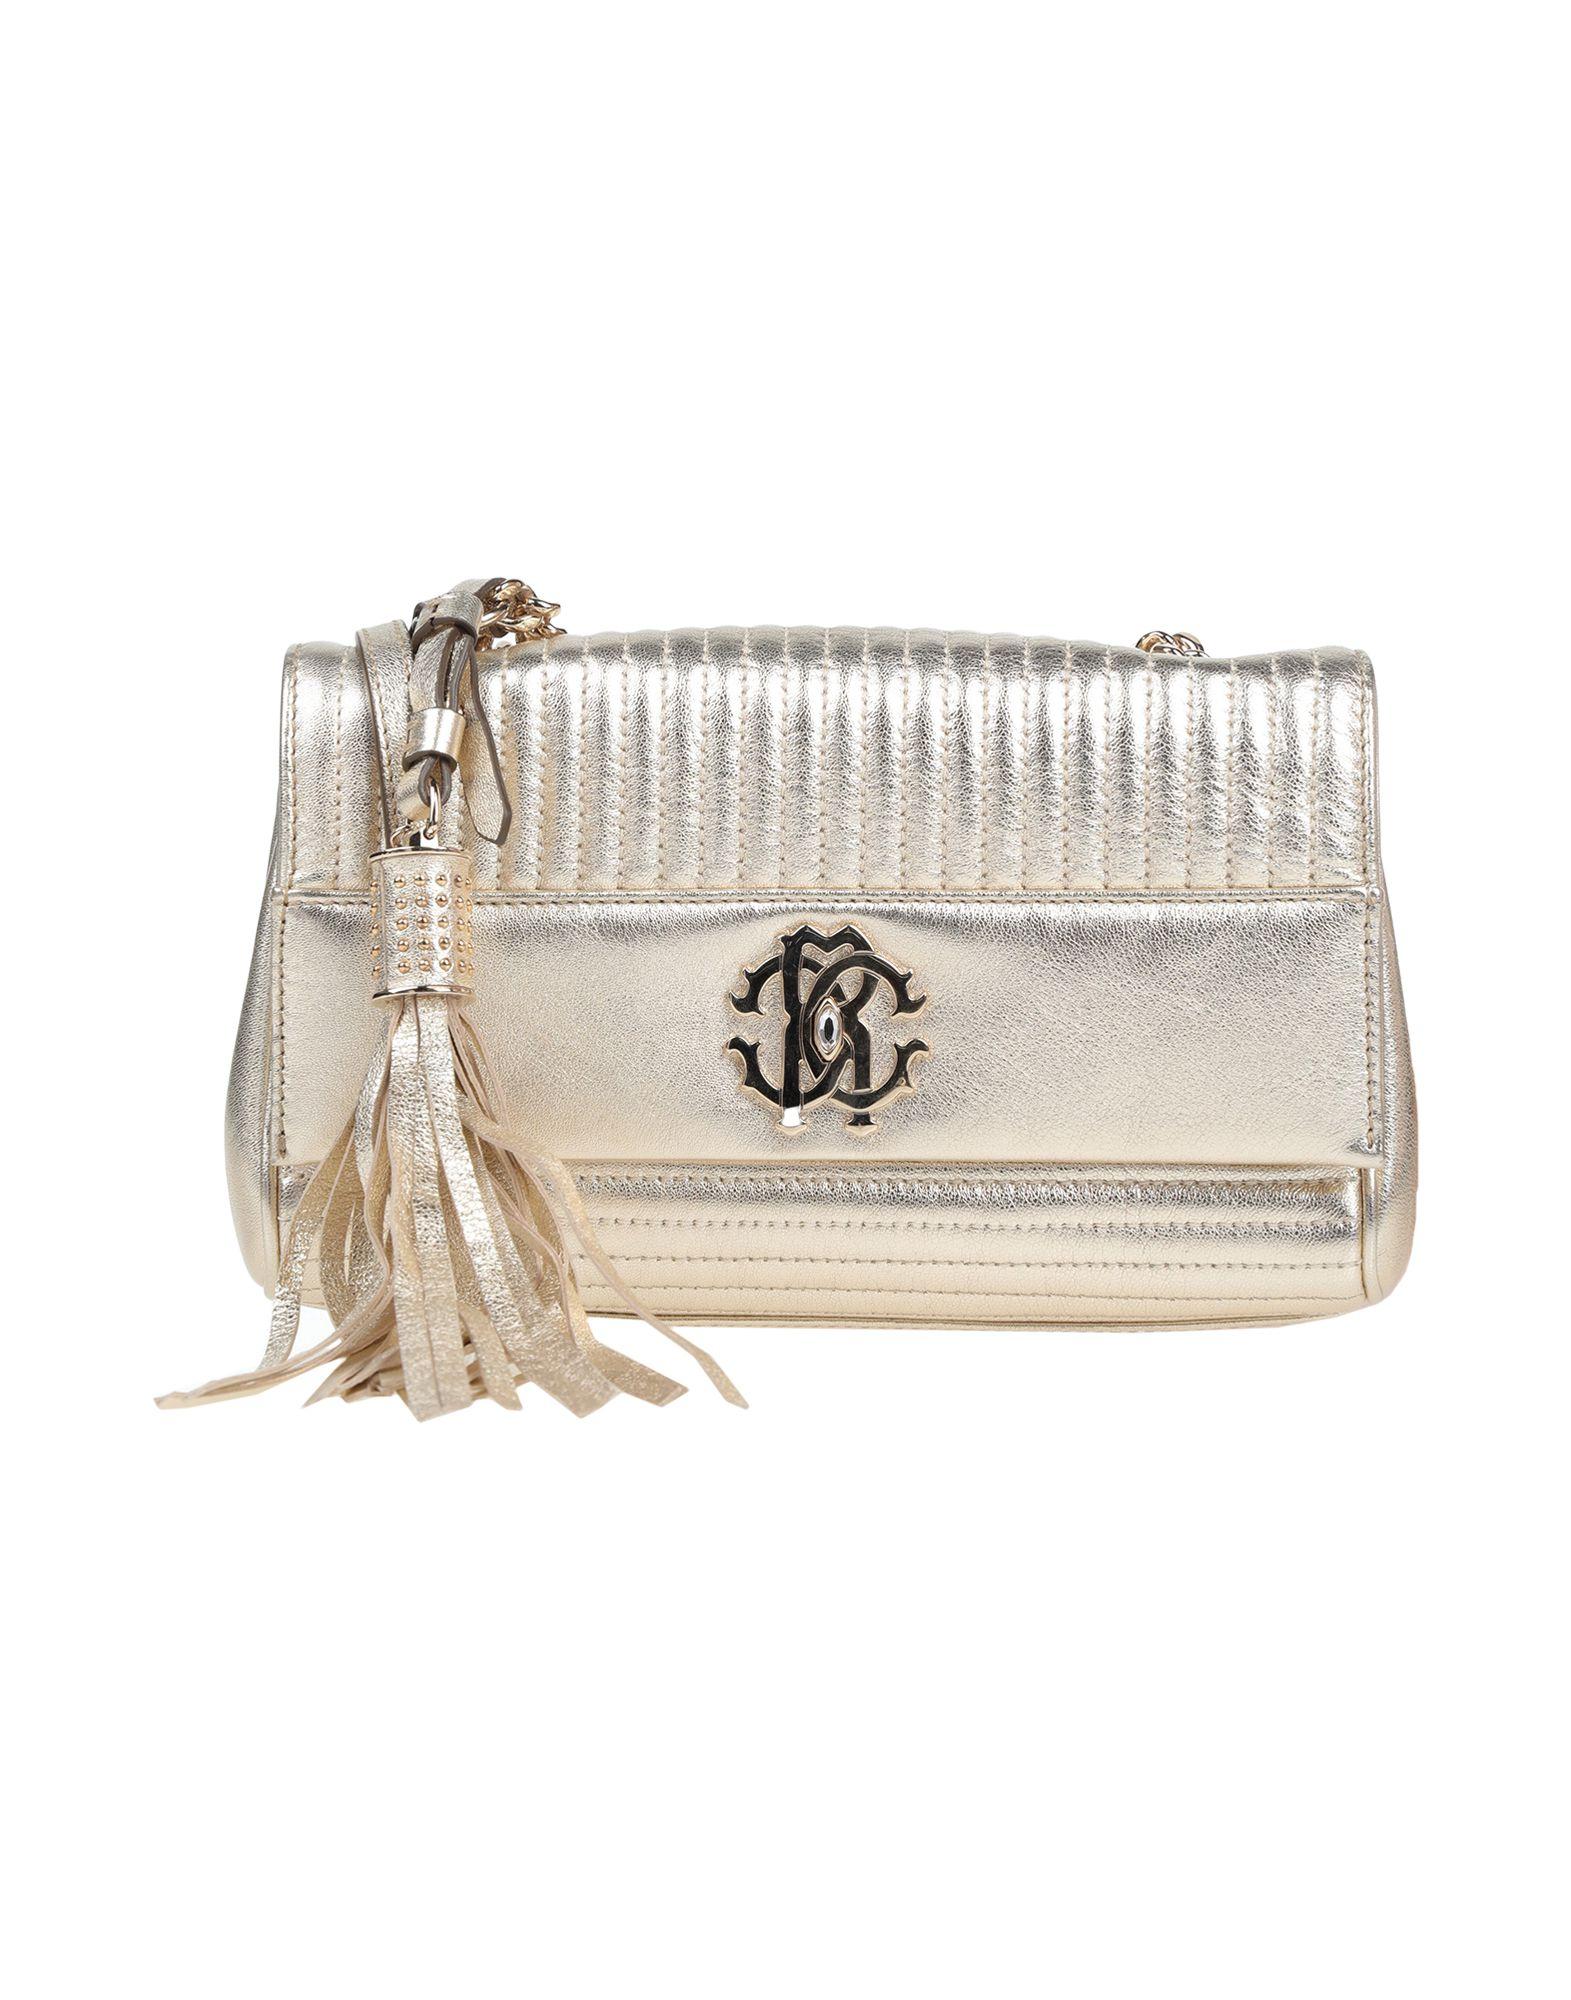 Женская сумка Roberto Cavalli купить в интернет-магазине копий BagsLove